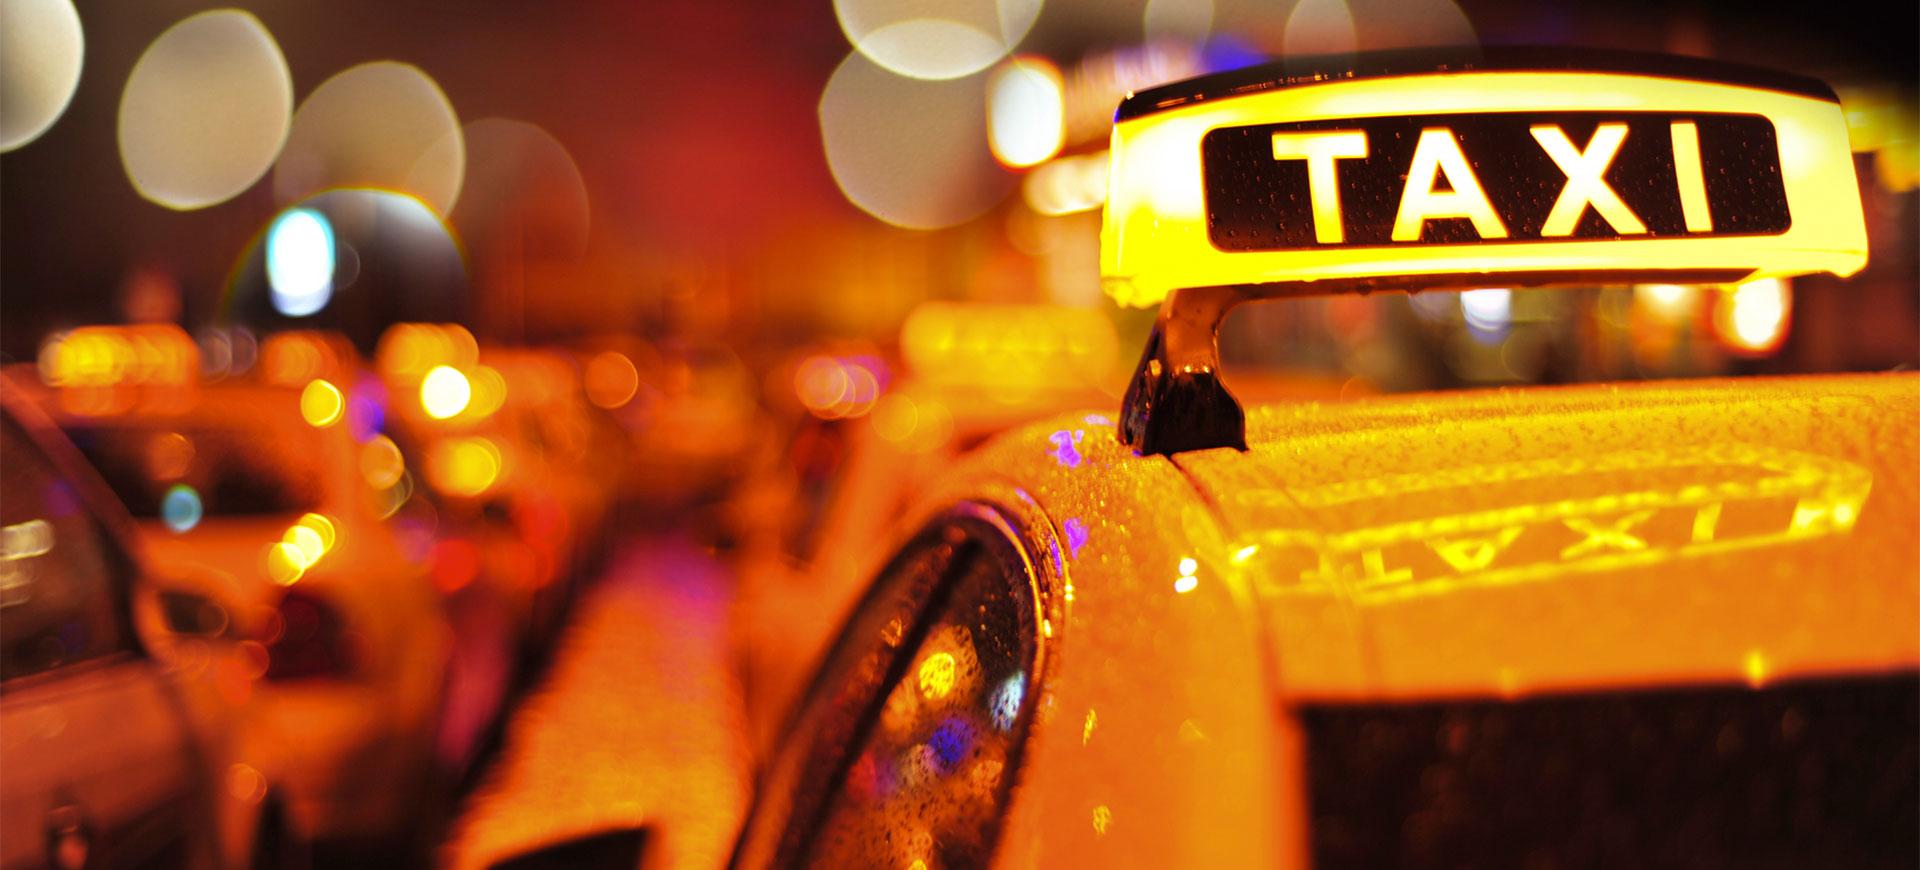 Taxichaufför misstänks ha våldtahit kvinna